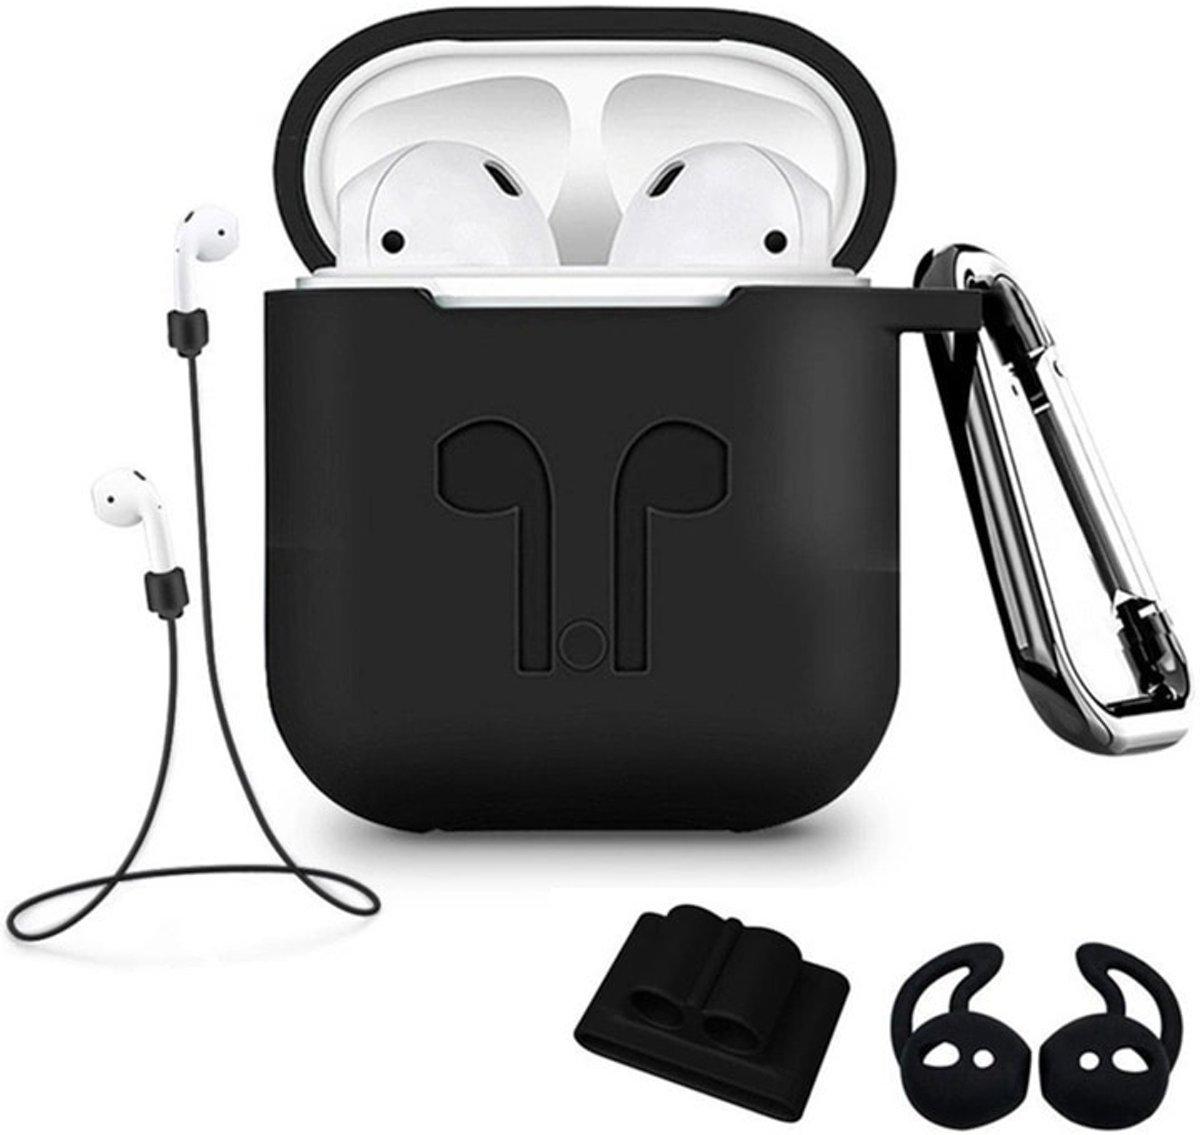 Siliconen Case Cover voor Apple Airpods - 5 in 1 set met Anti Lost Strap en Haak - Zwart kopen